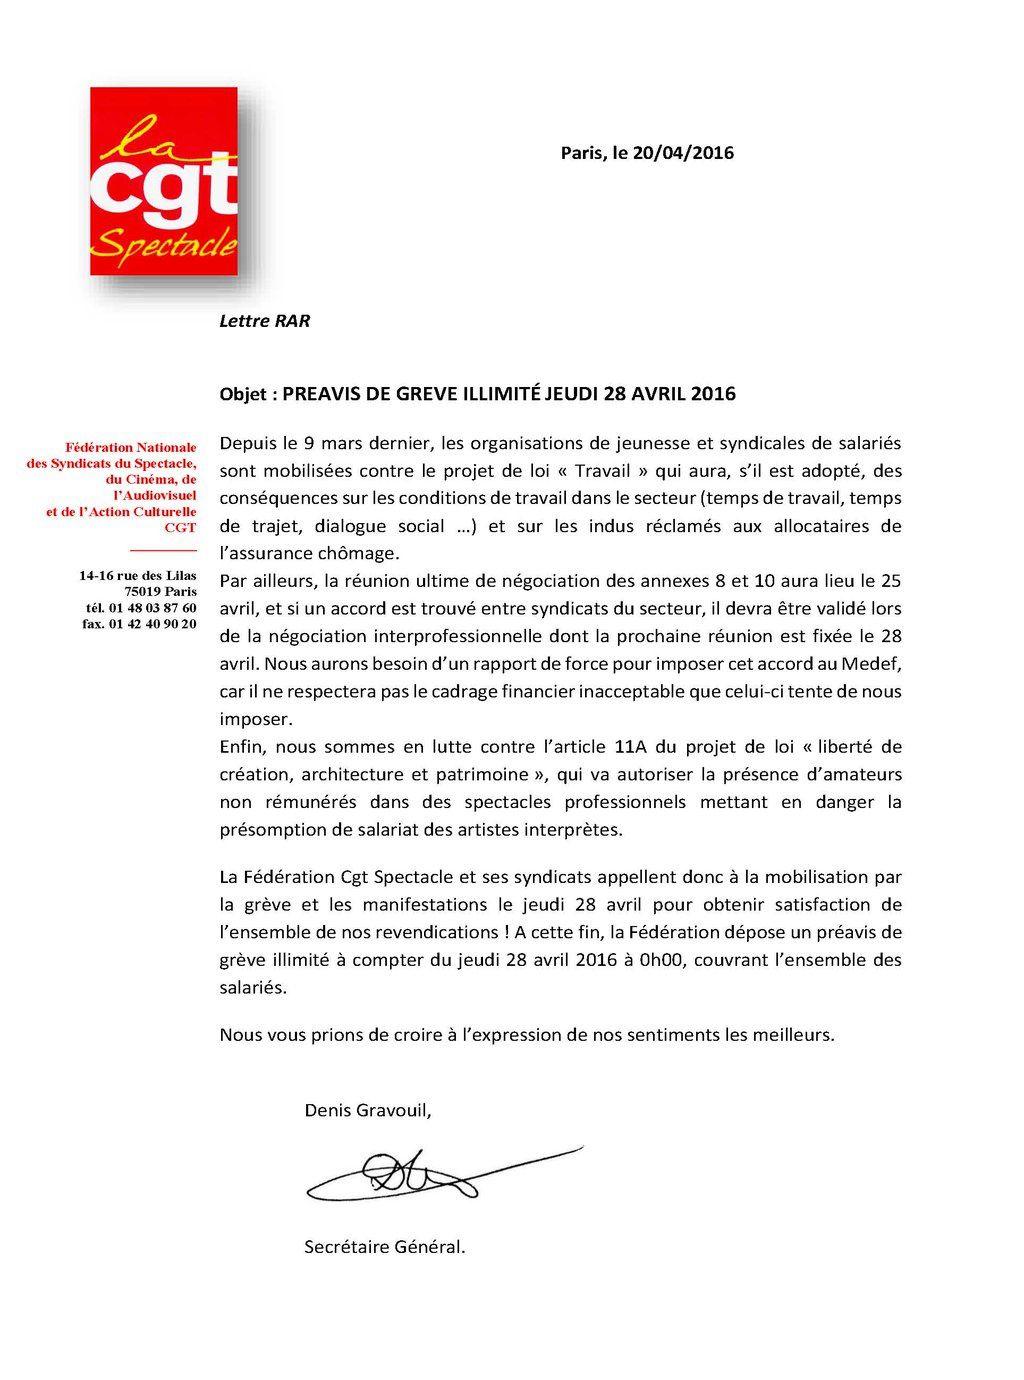 Préavis de grève illimité jeudi 28 avril 2016 ...